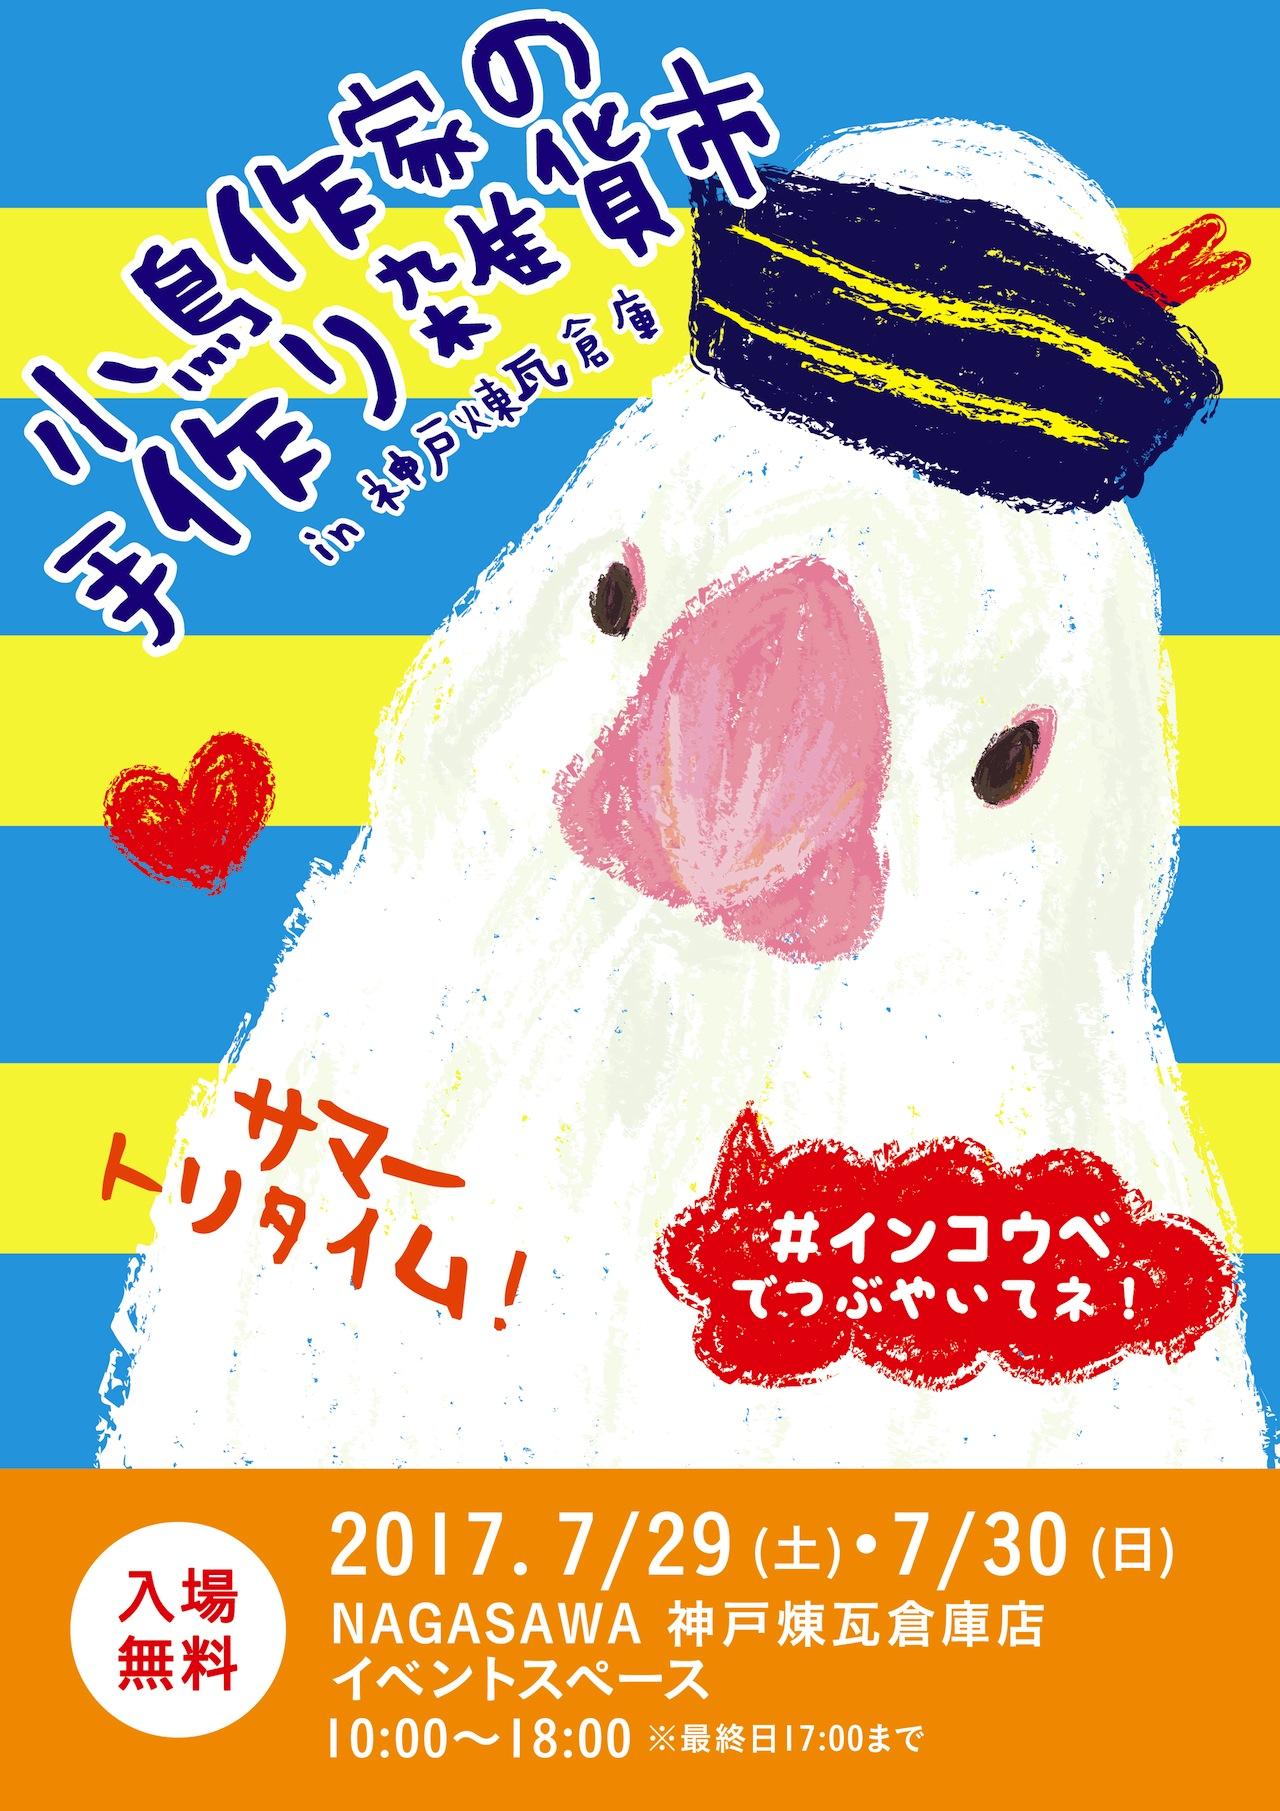 小鳥作家の手作り雑貨市 @NAGASAWA神戸煉瓦倉庫店イベントスペース